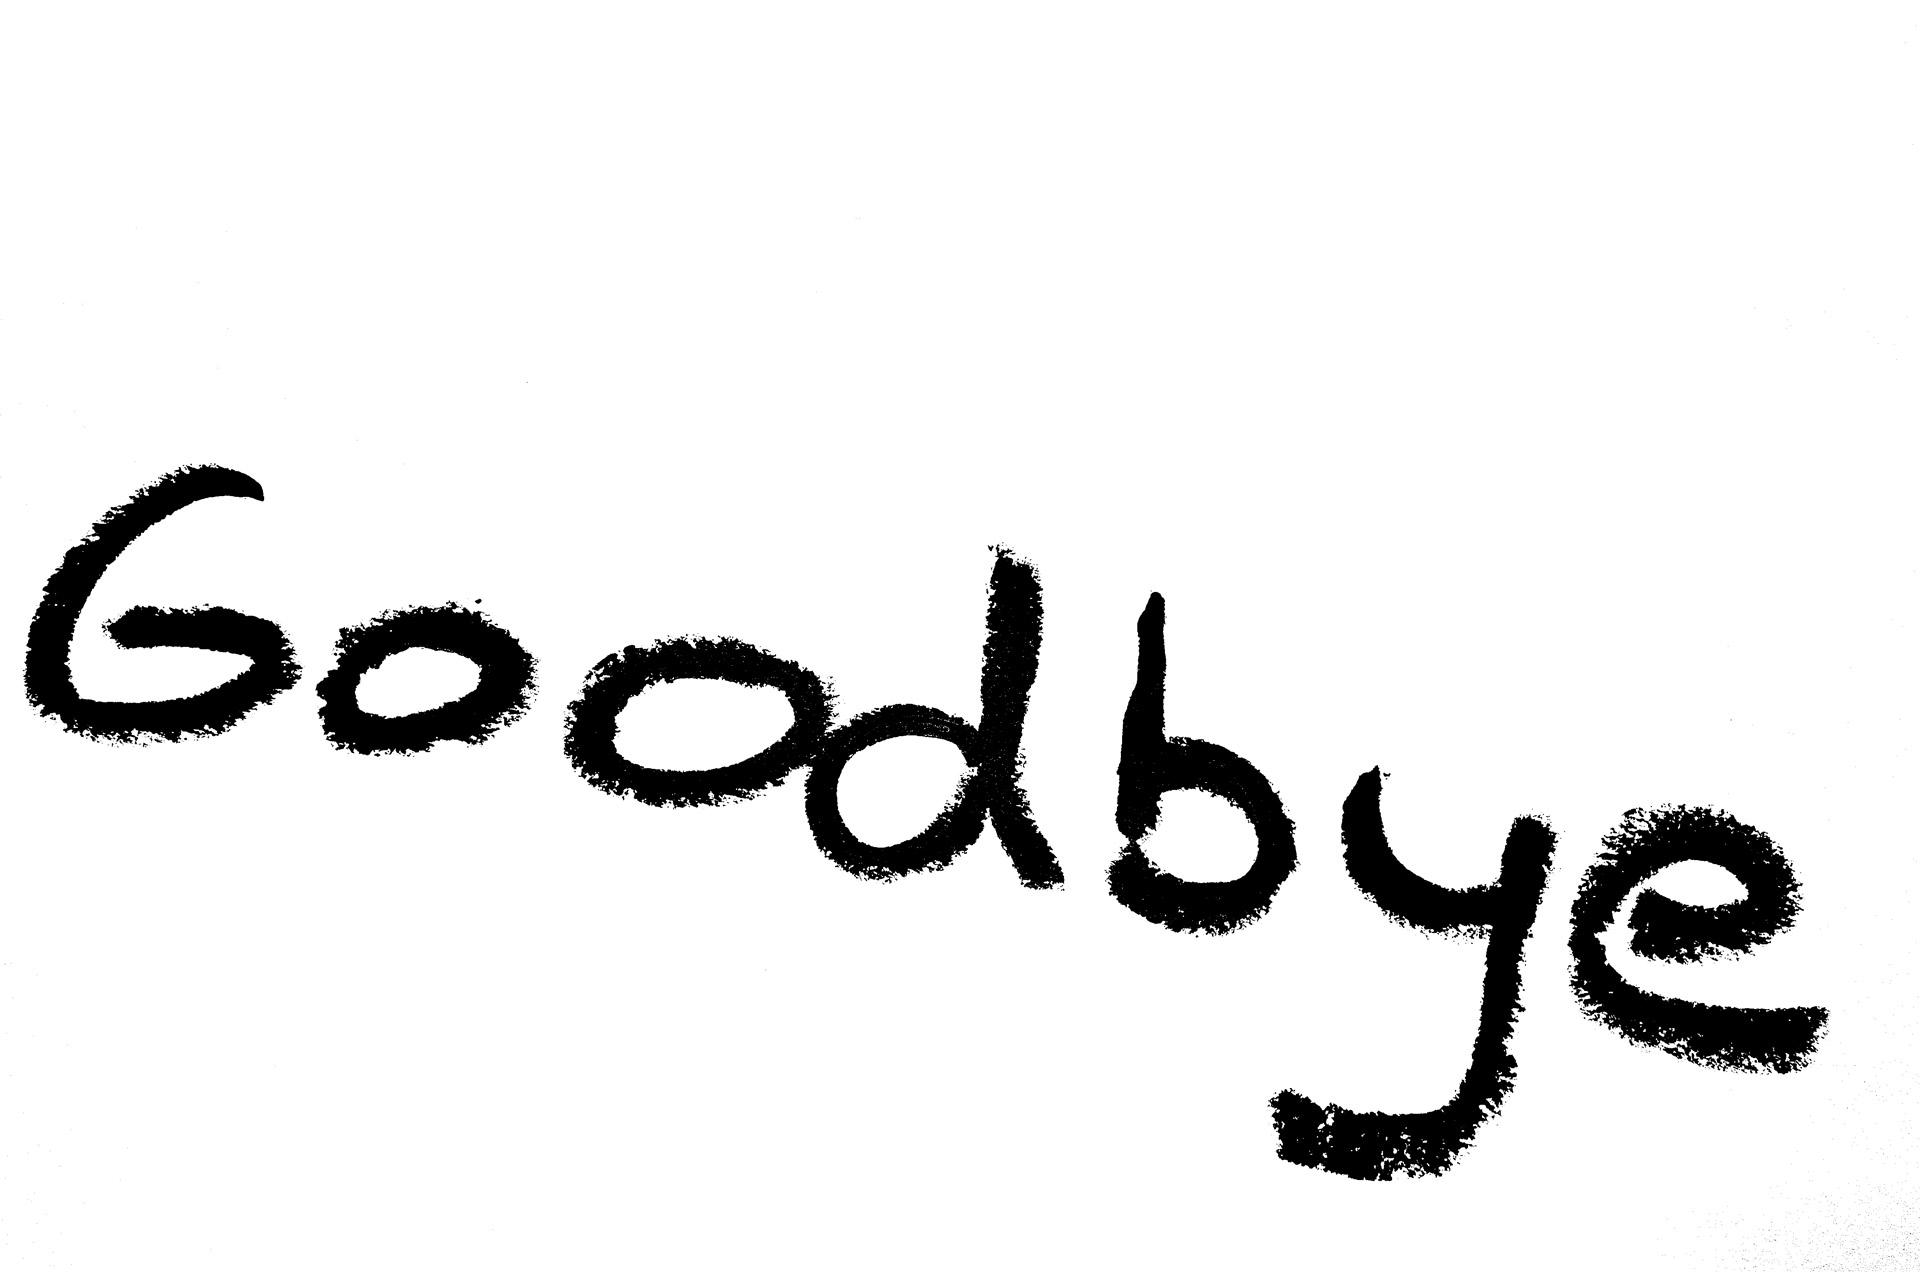 Výsledek obrázku pro goodbye